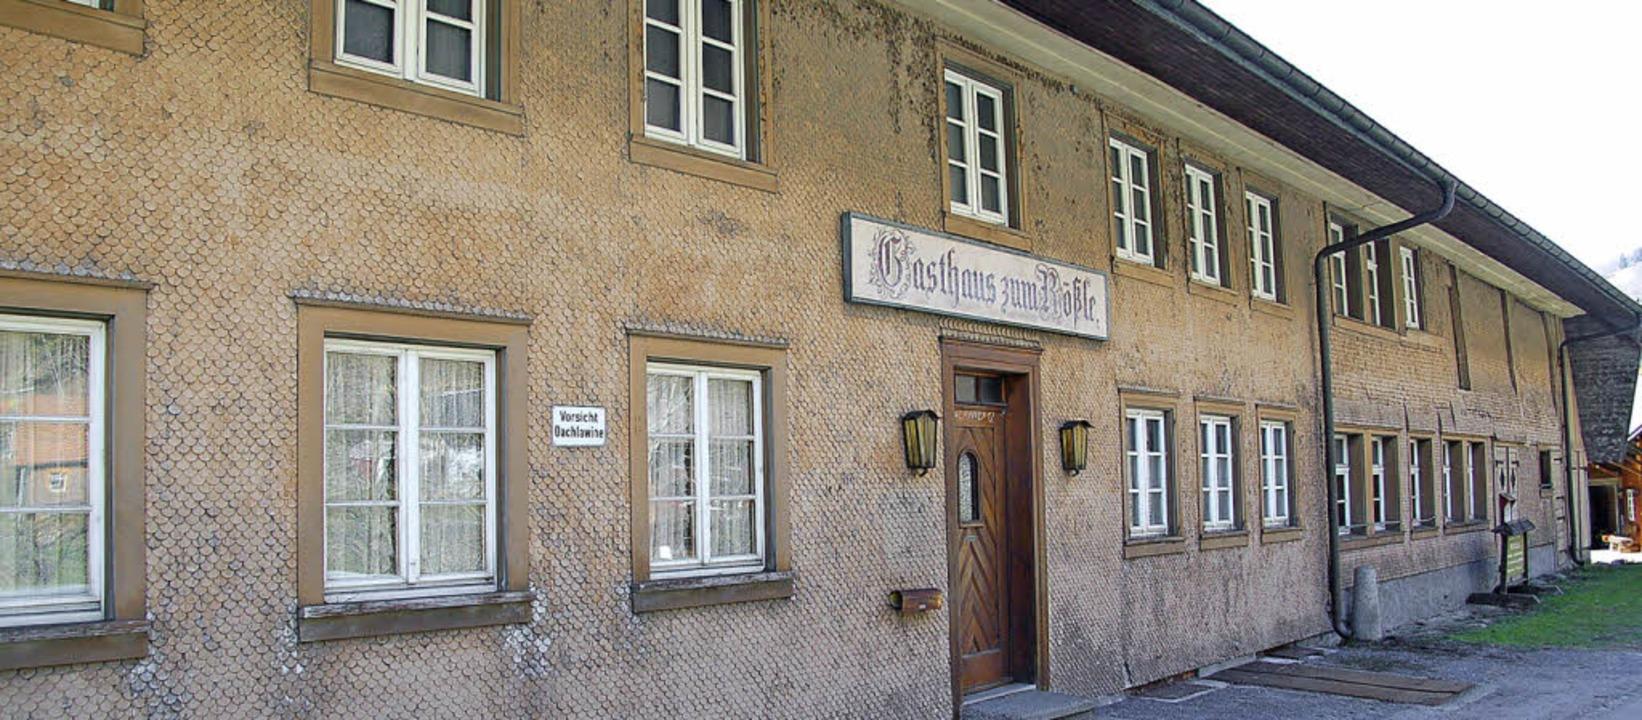 Das Gasthaus Rößle in Geschwend wird wieder eröffnet.   | Foto: Ulrike Jäger